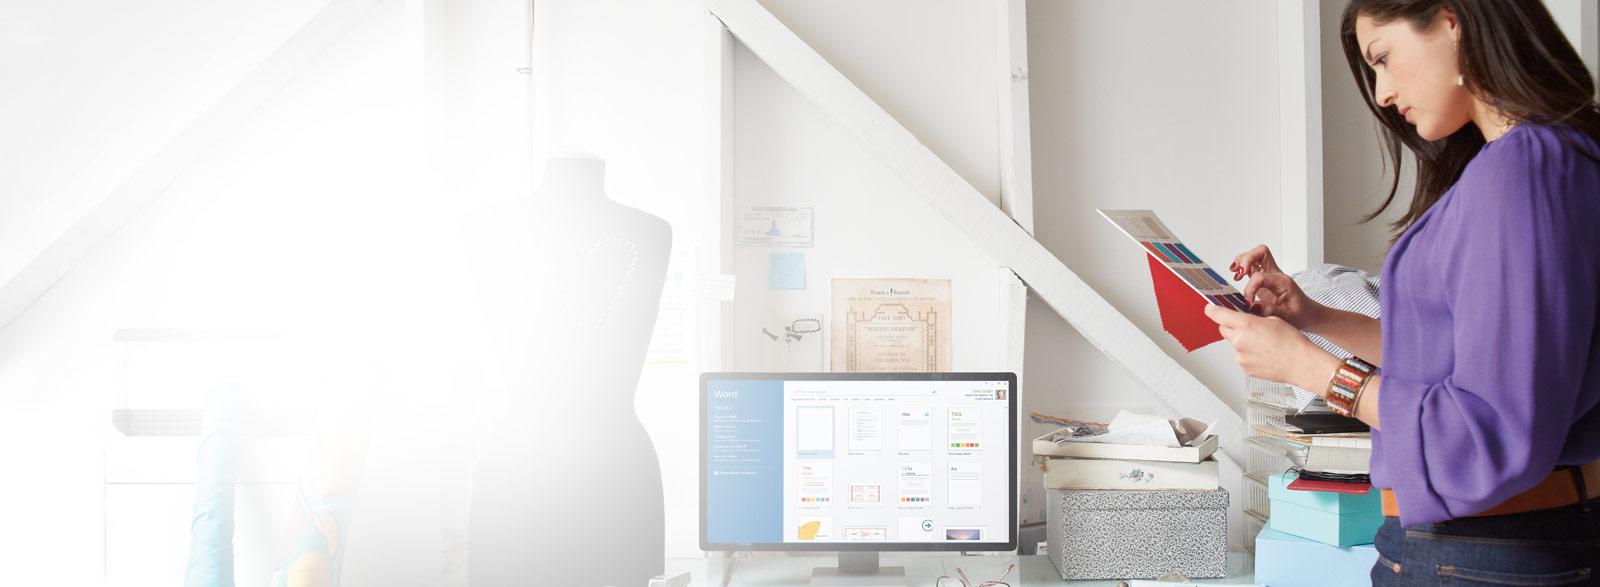 Office365 Business: tirez parti des logiciels Office complets sur vos appareils, ainsi que du partage et du stockage de fichiers en ligne.